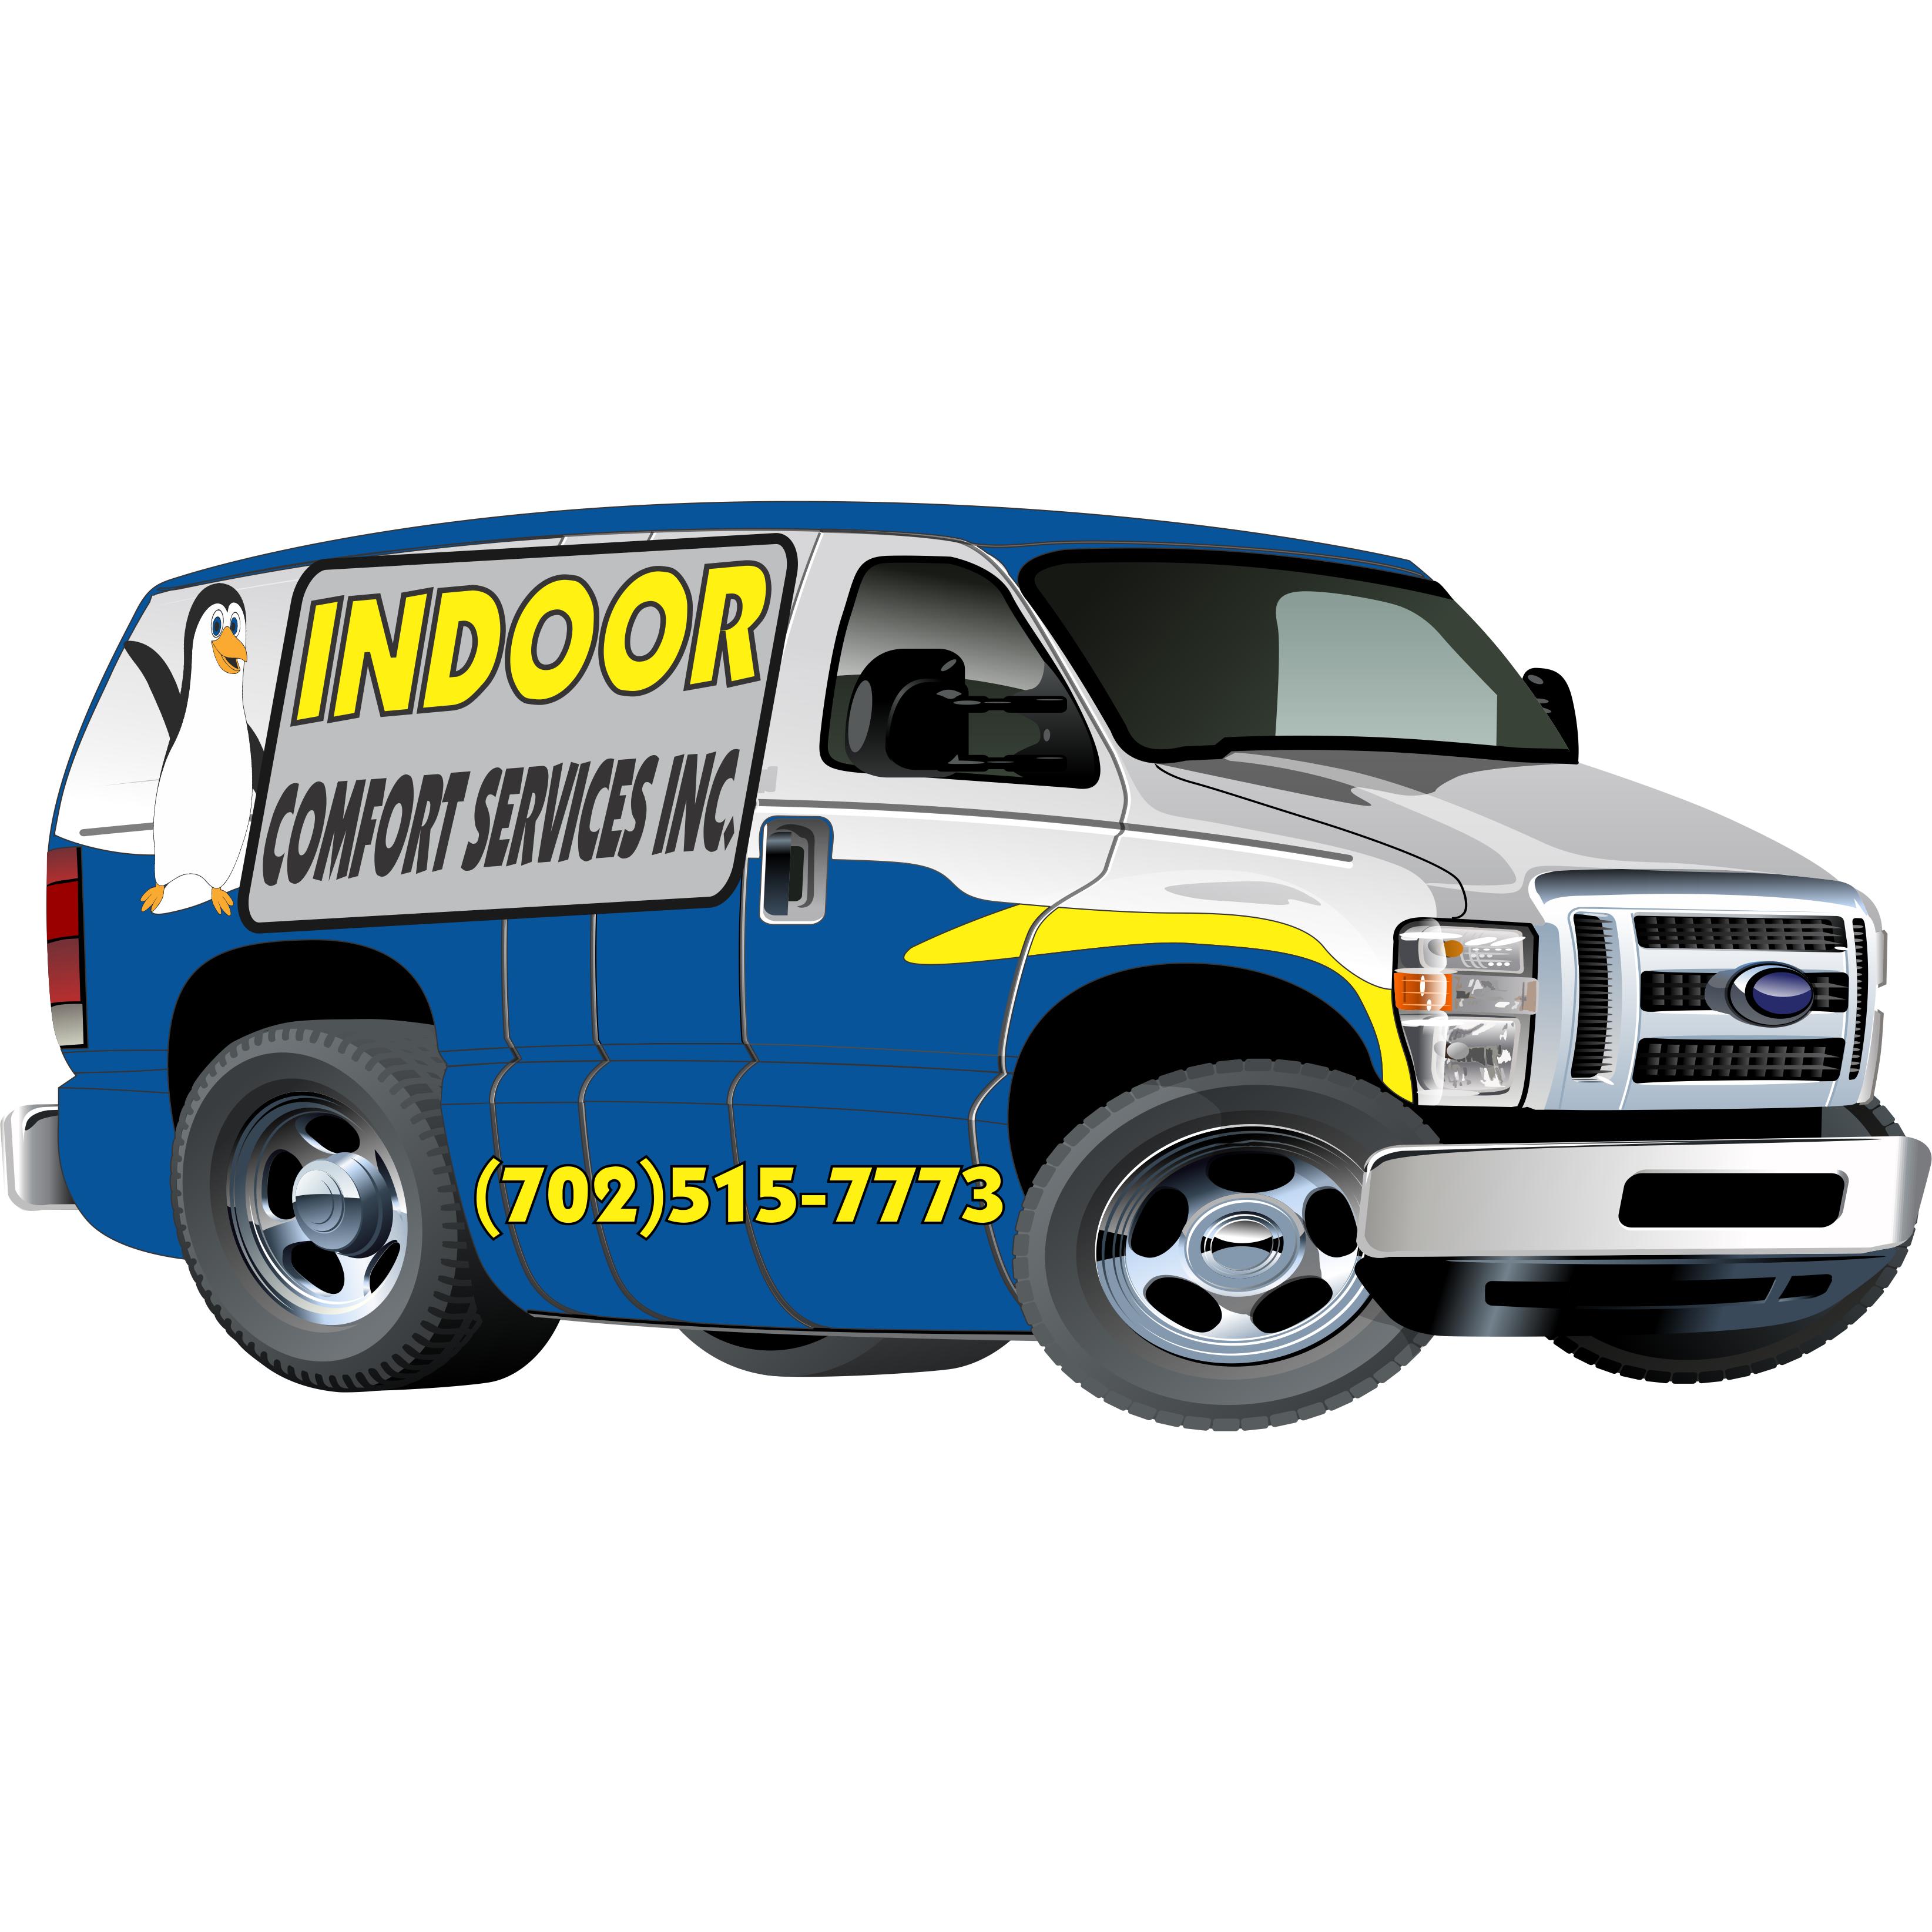 Indoor Comfort Services Inc